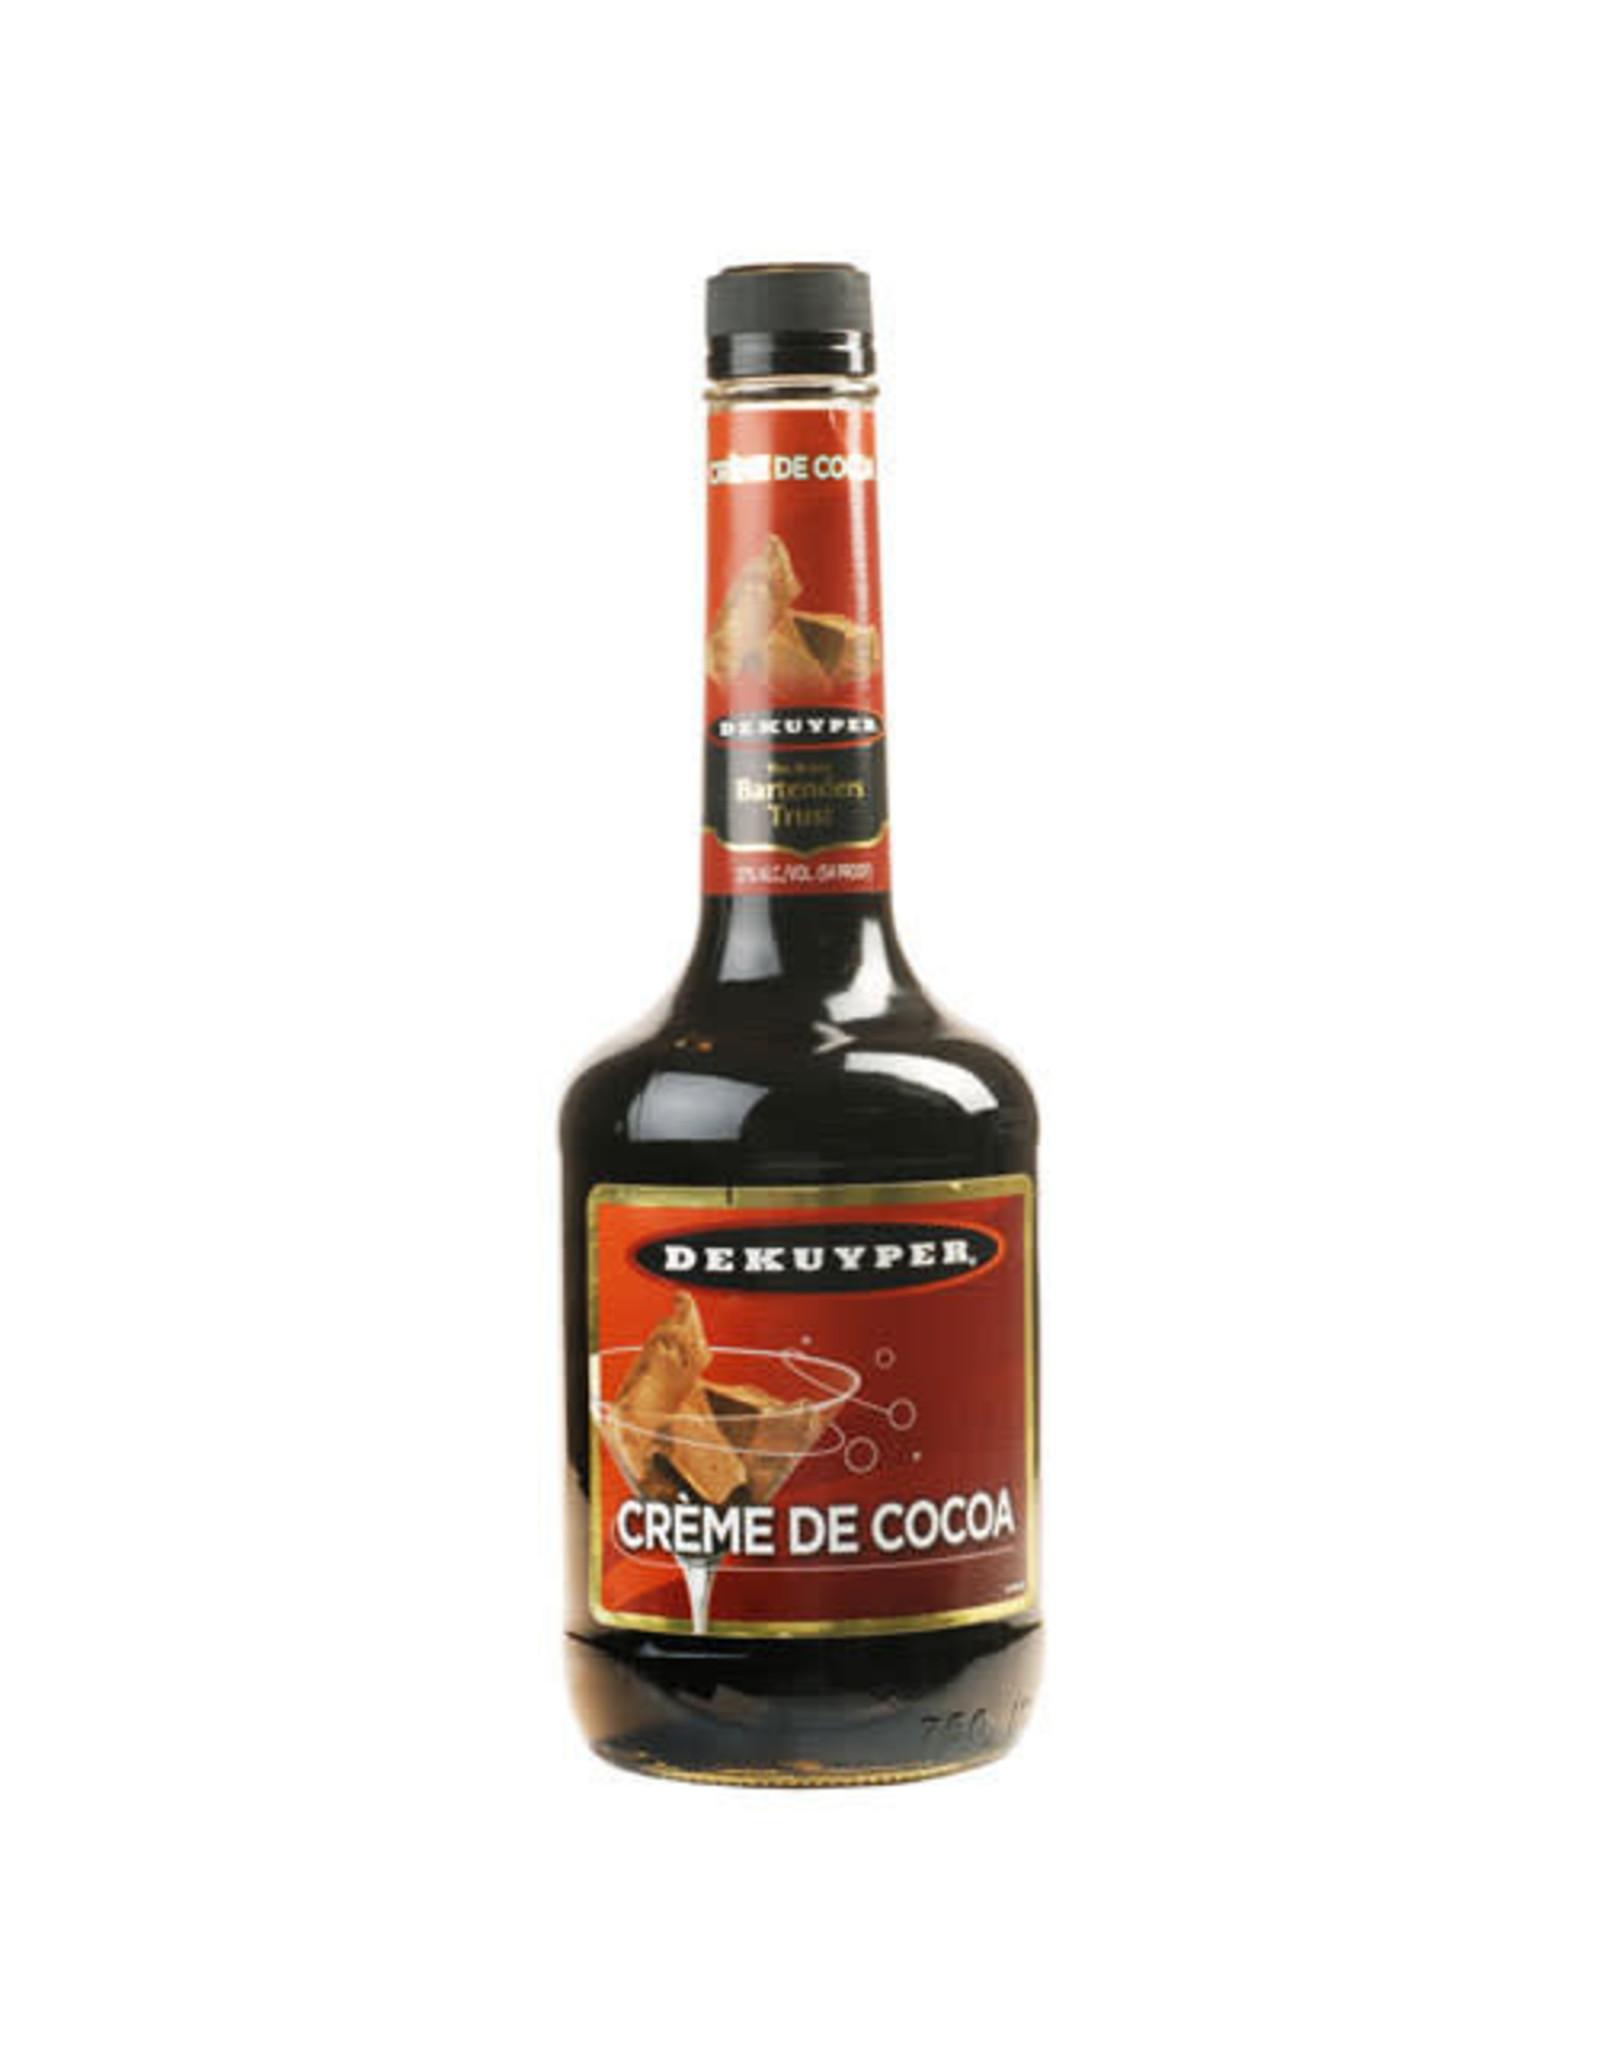 DEKUYPER CREME DE COCOA DARK 750ML